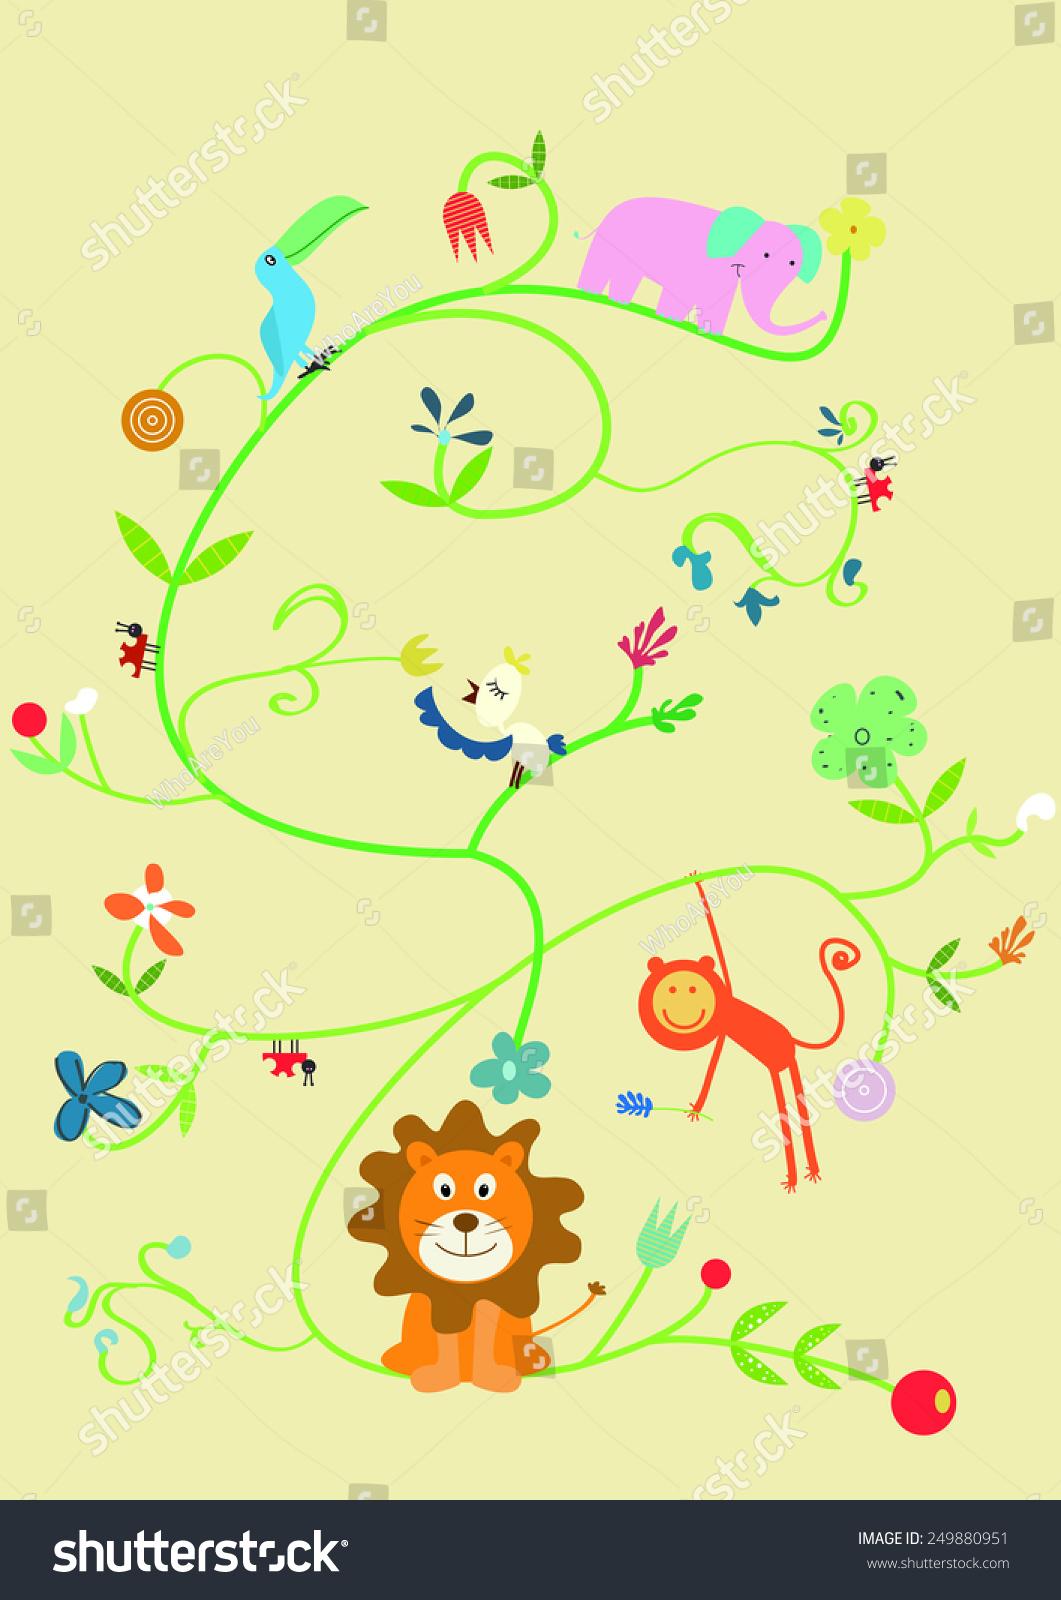 可爱的动物集合.矢量猴子,狮子,鸟,巨嘴鸟,大象,瓢虫.